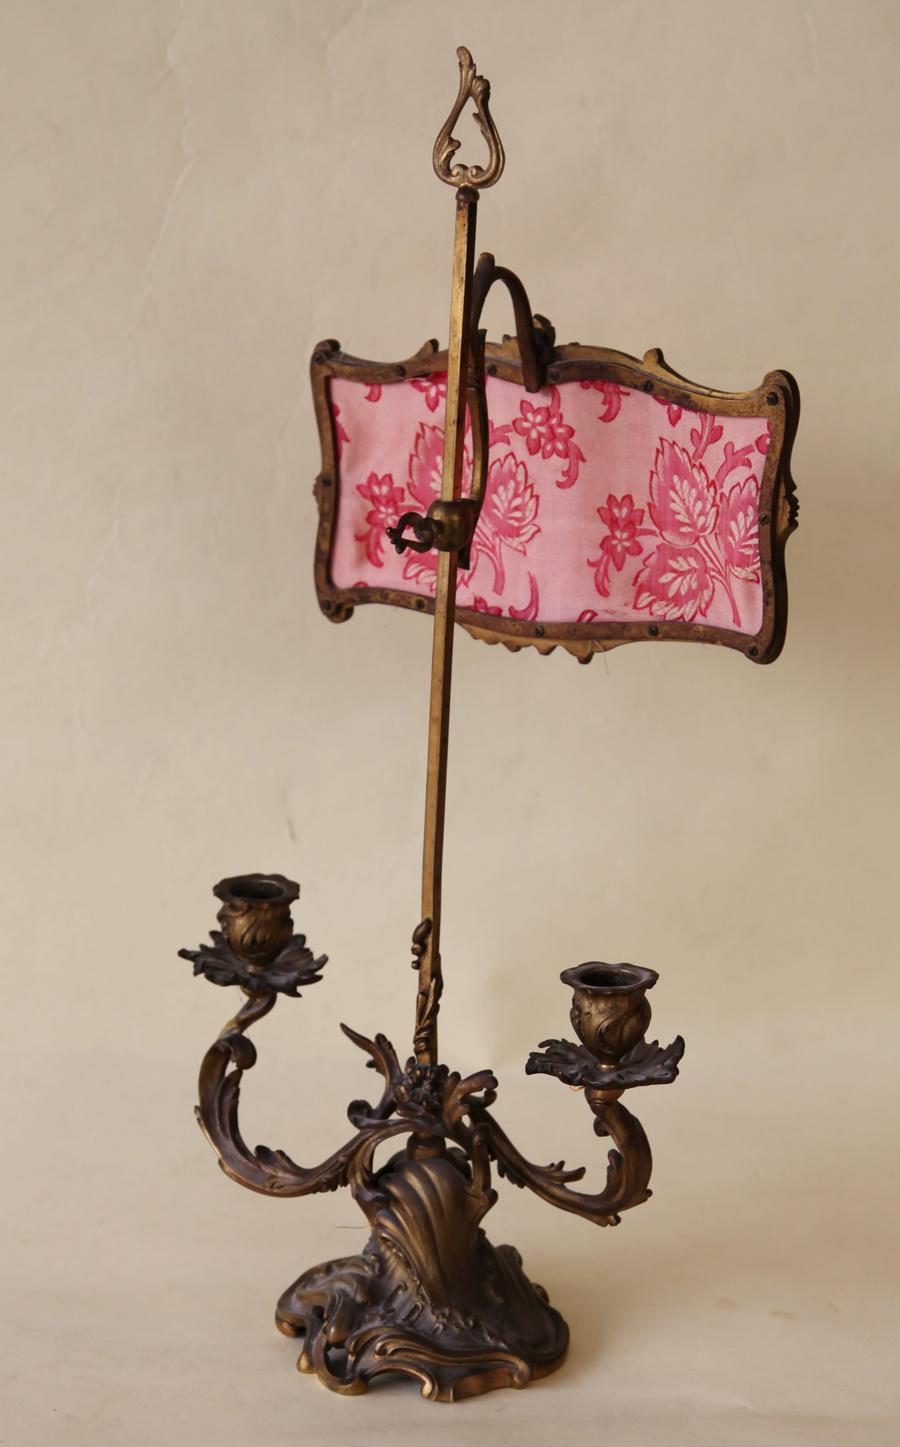 Candlestick circa 1880